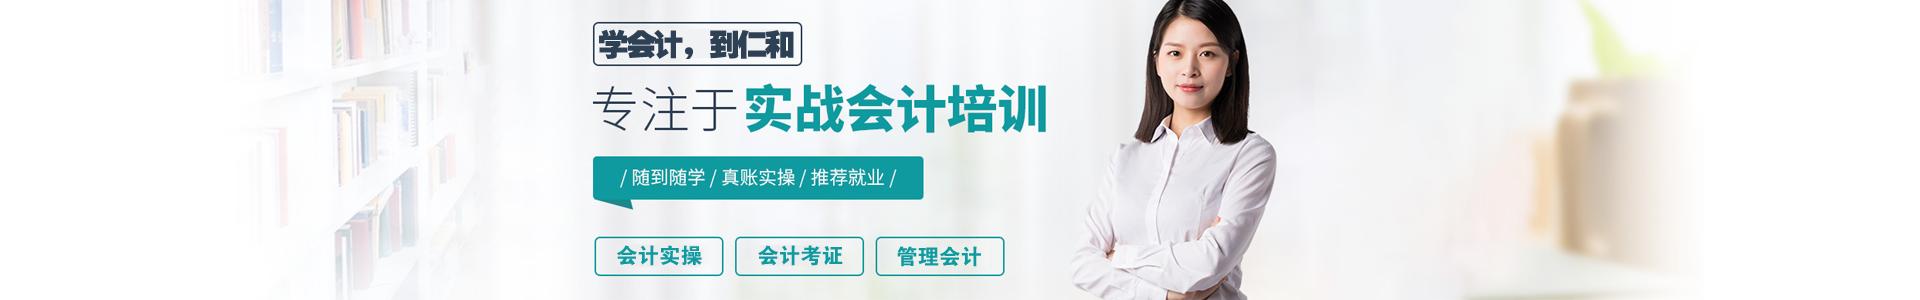 东莞仁和会计教育